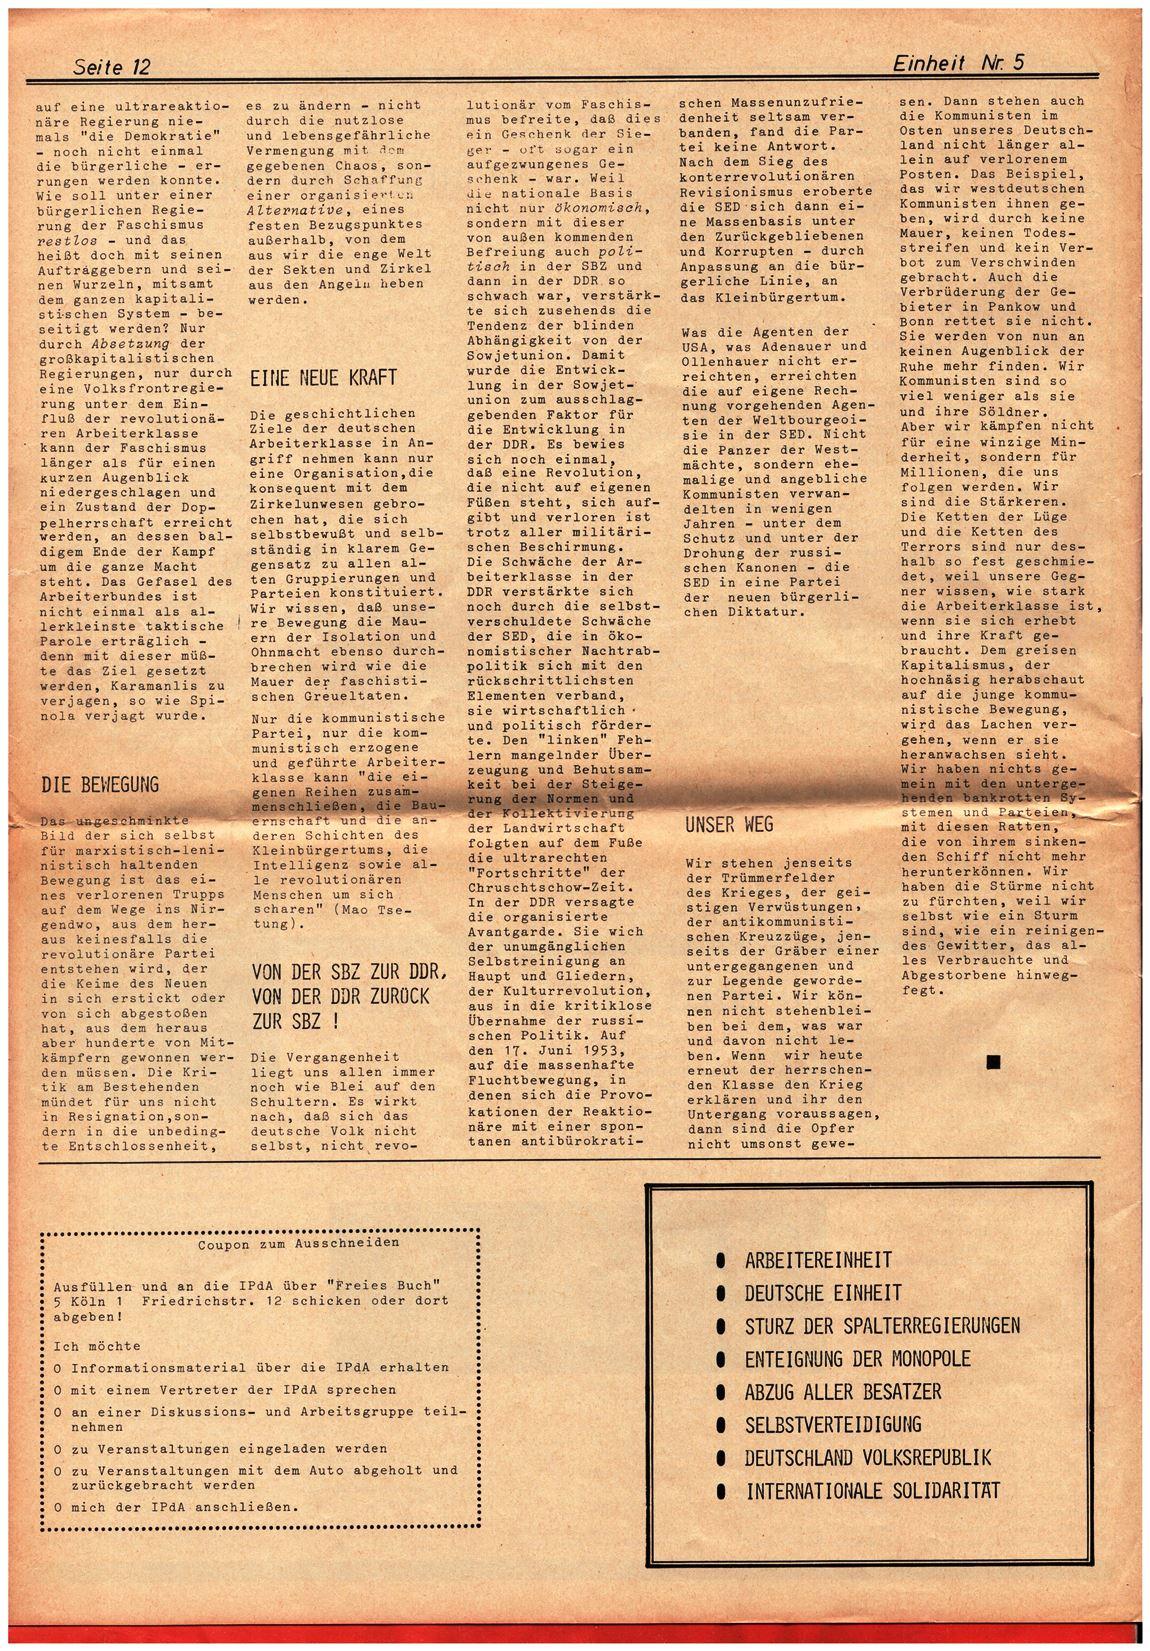 Koeln_IPdA_Einheit_1975_005_012